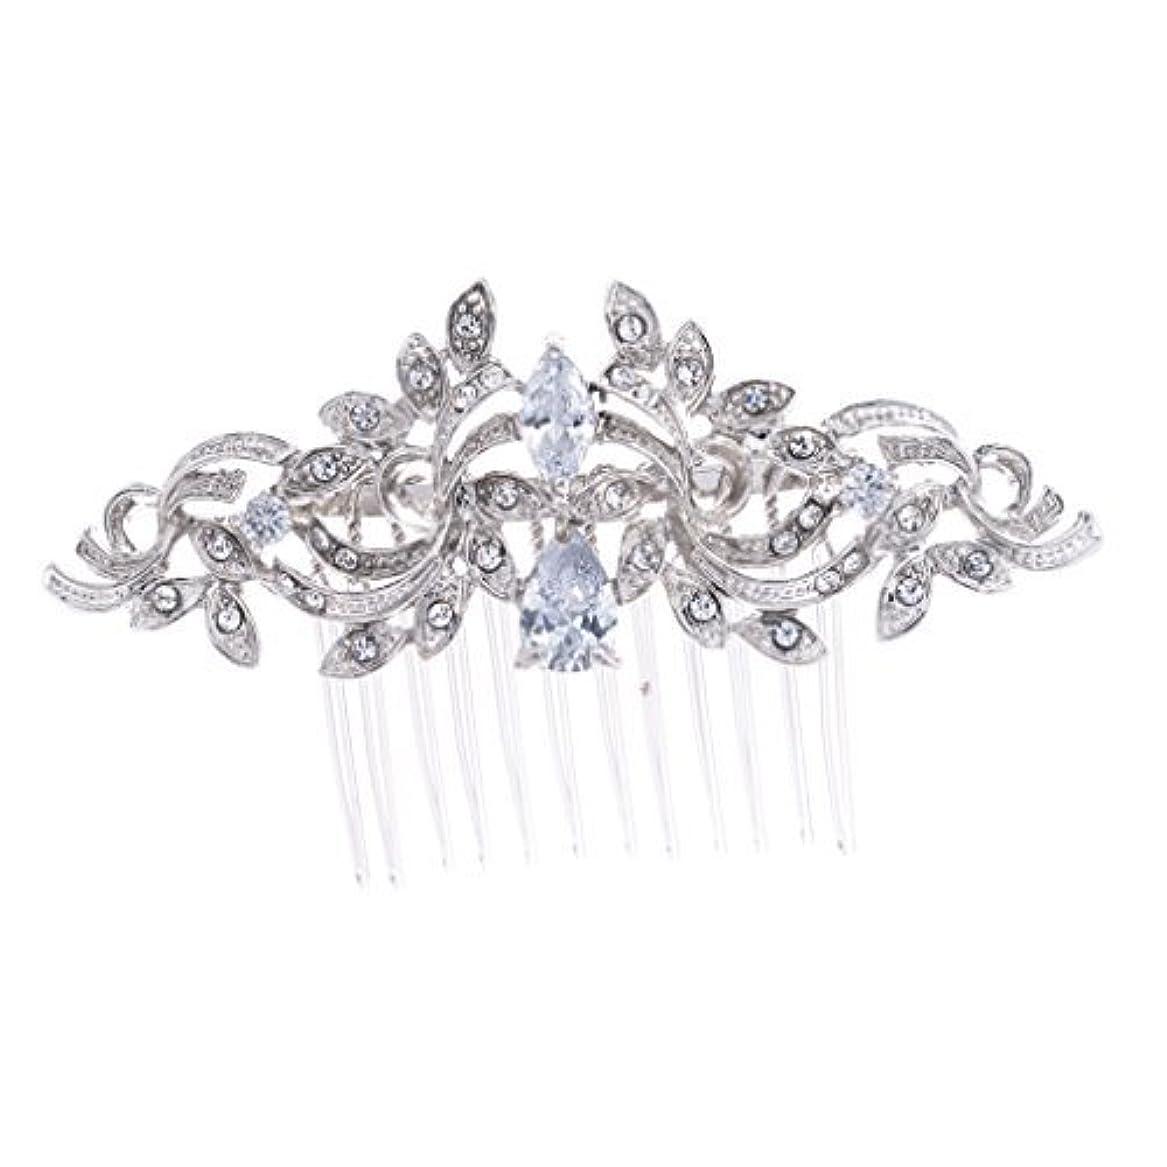 売上高病気だと思う領収書SEPBRIDALS Crystal Rhinestone Leaves Hair Comb Hair Pins Bridal Wedding Hair Accessories Jewelry 4012R [並行輸入品]